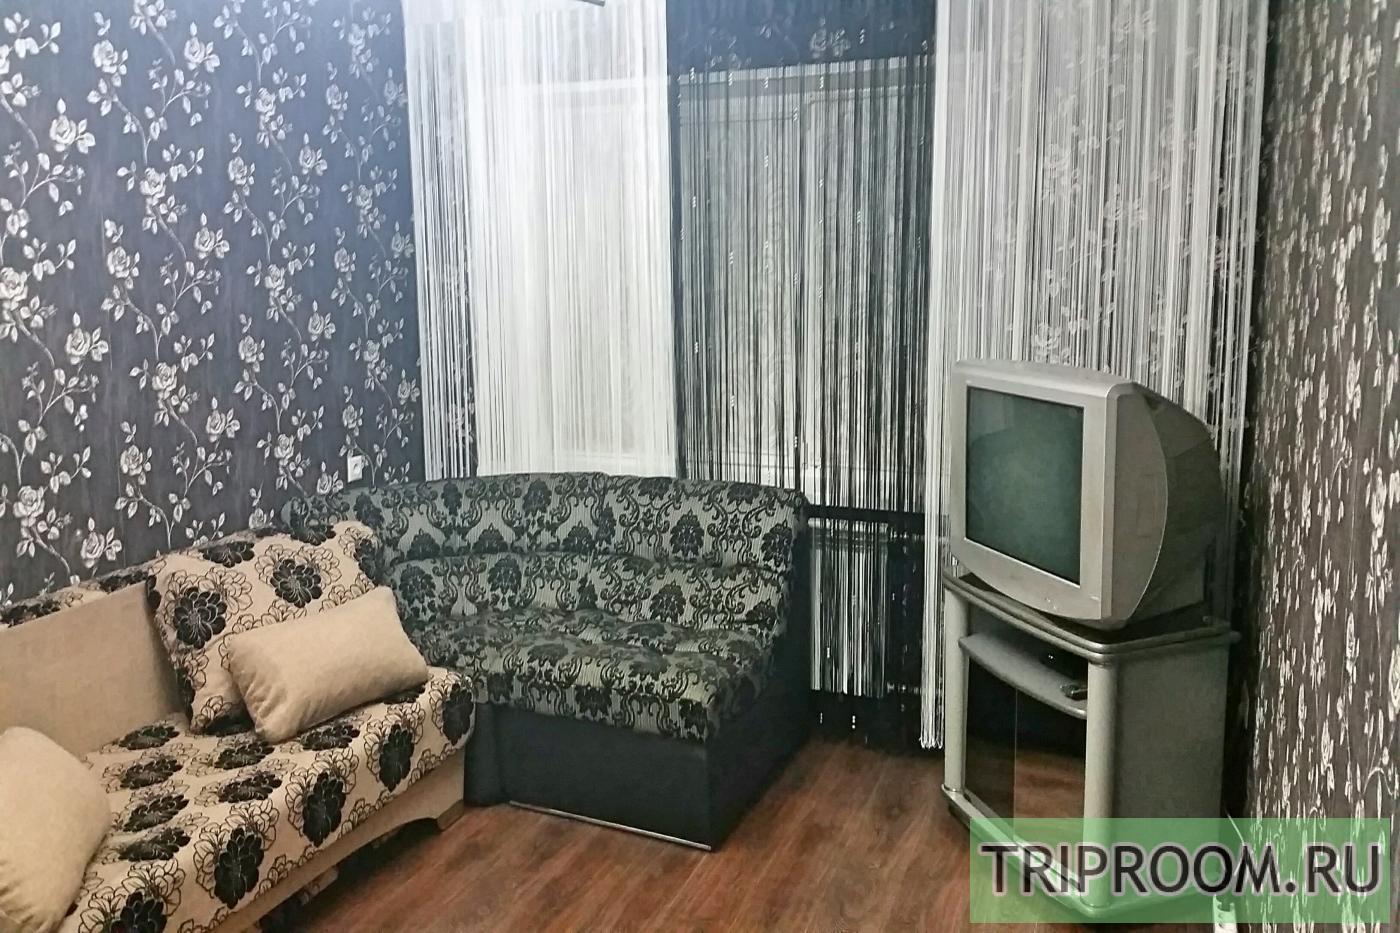 1-комнатная квартира посуточно (вариант № 10450), ул. Дружбы проезд, фото № 4